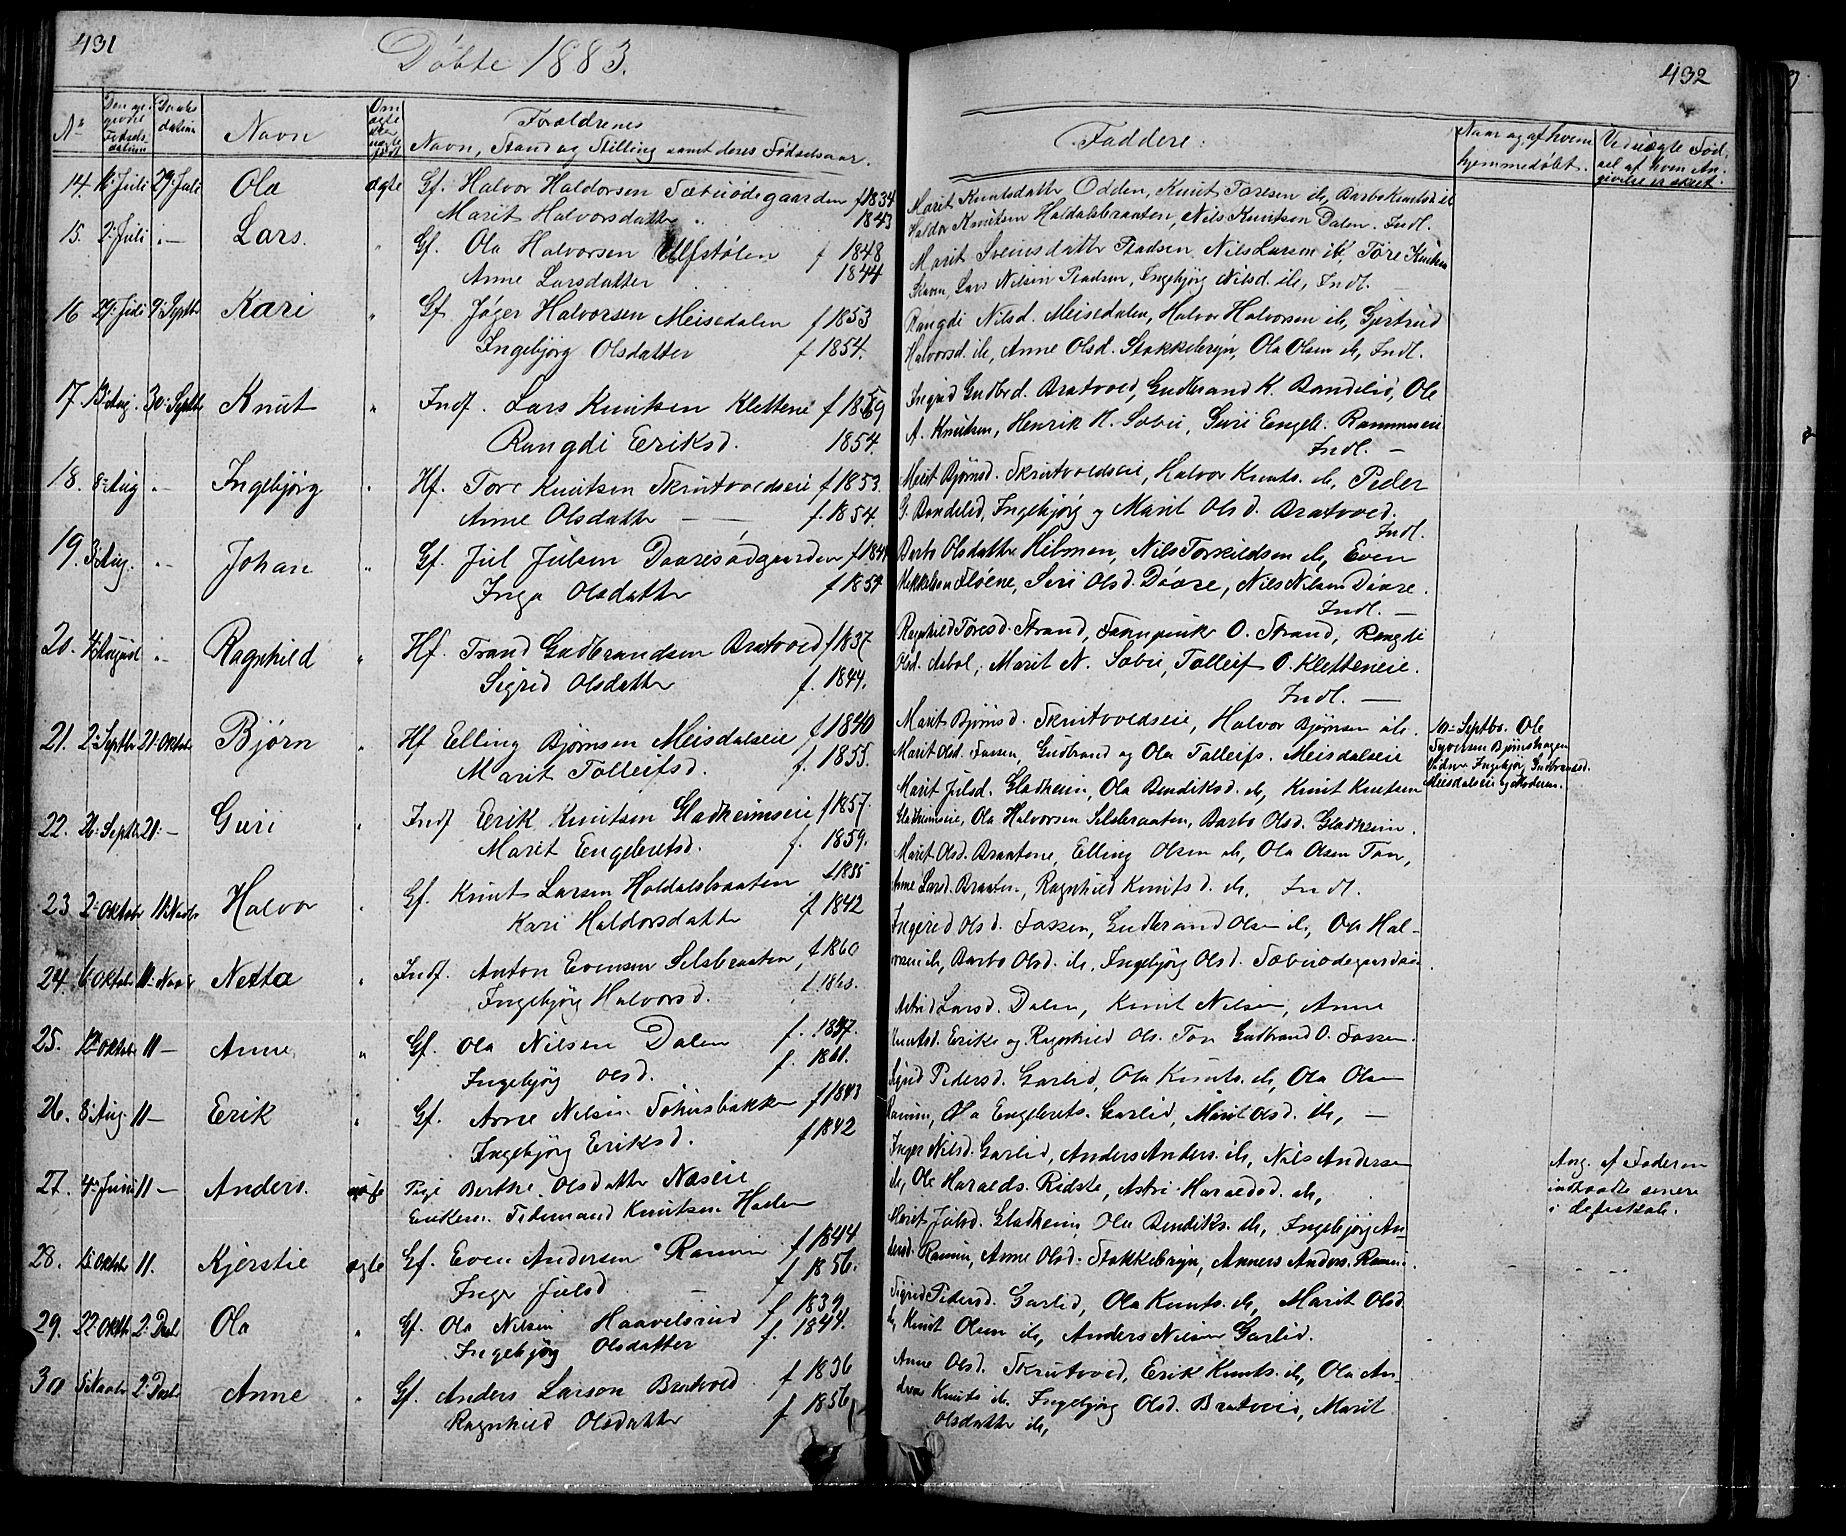 SAH, Nord-Aurdal prestekontor, Klokkerbok nr. 1, 1834-1887, s. 431-432